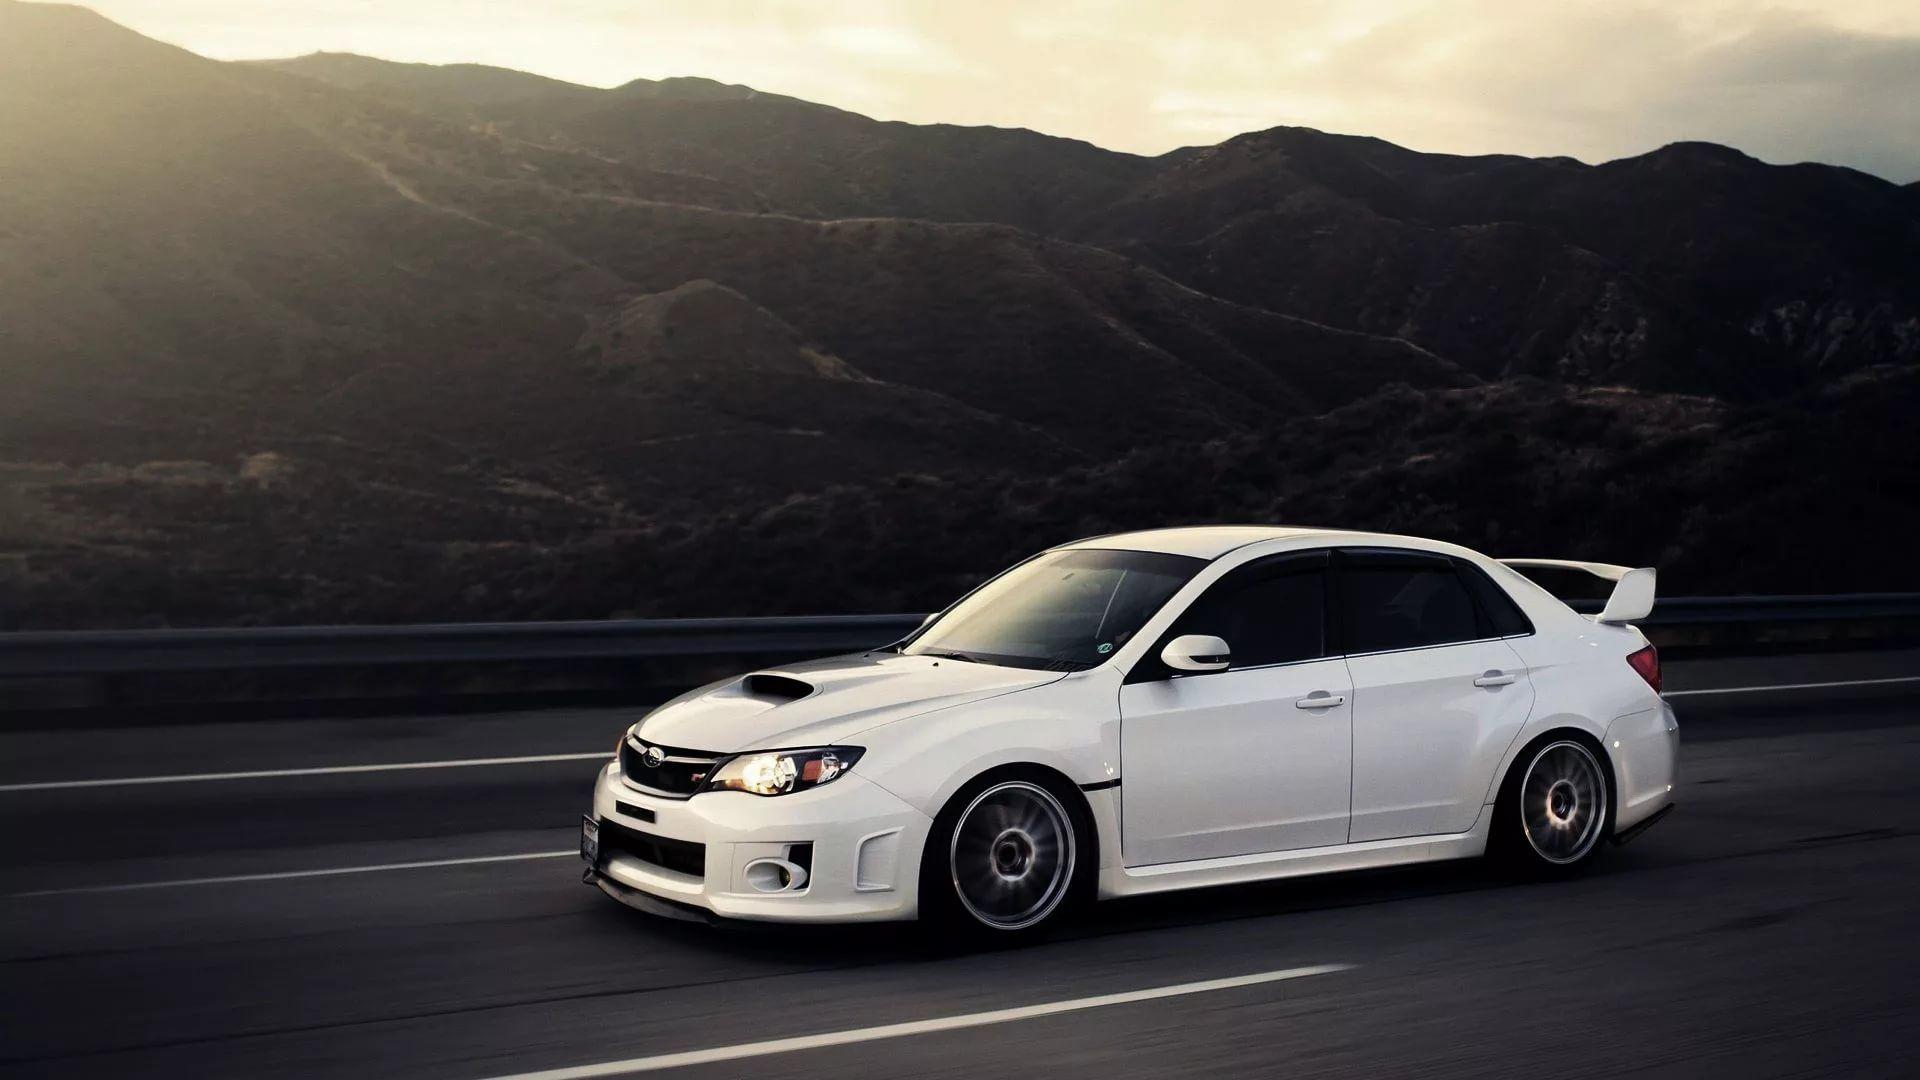 Subaru WRX Picture